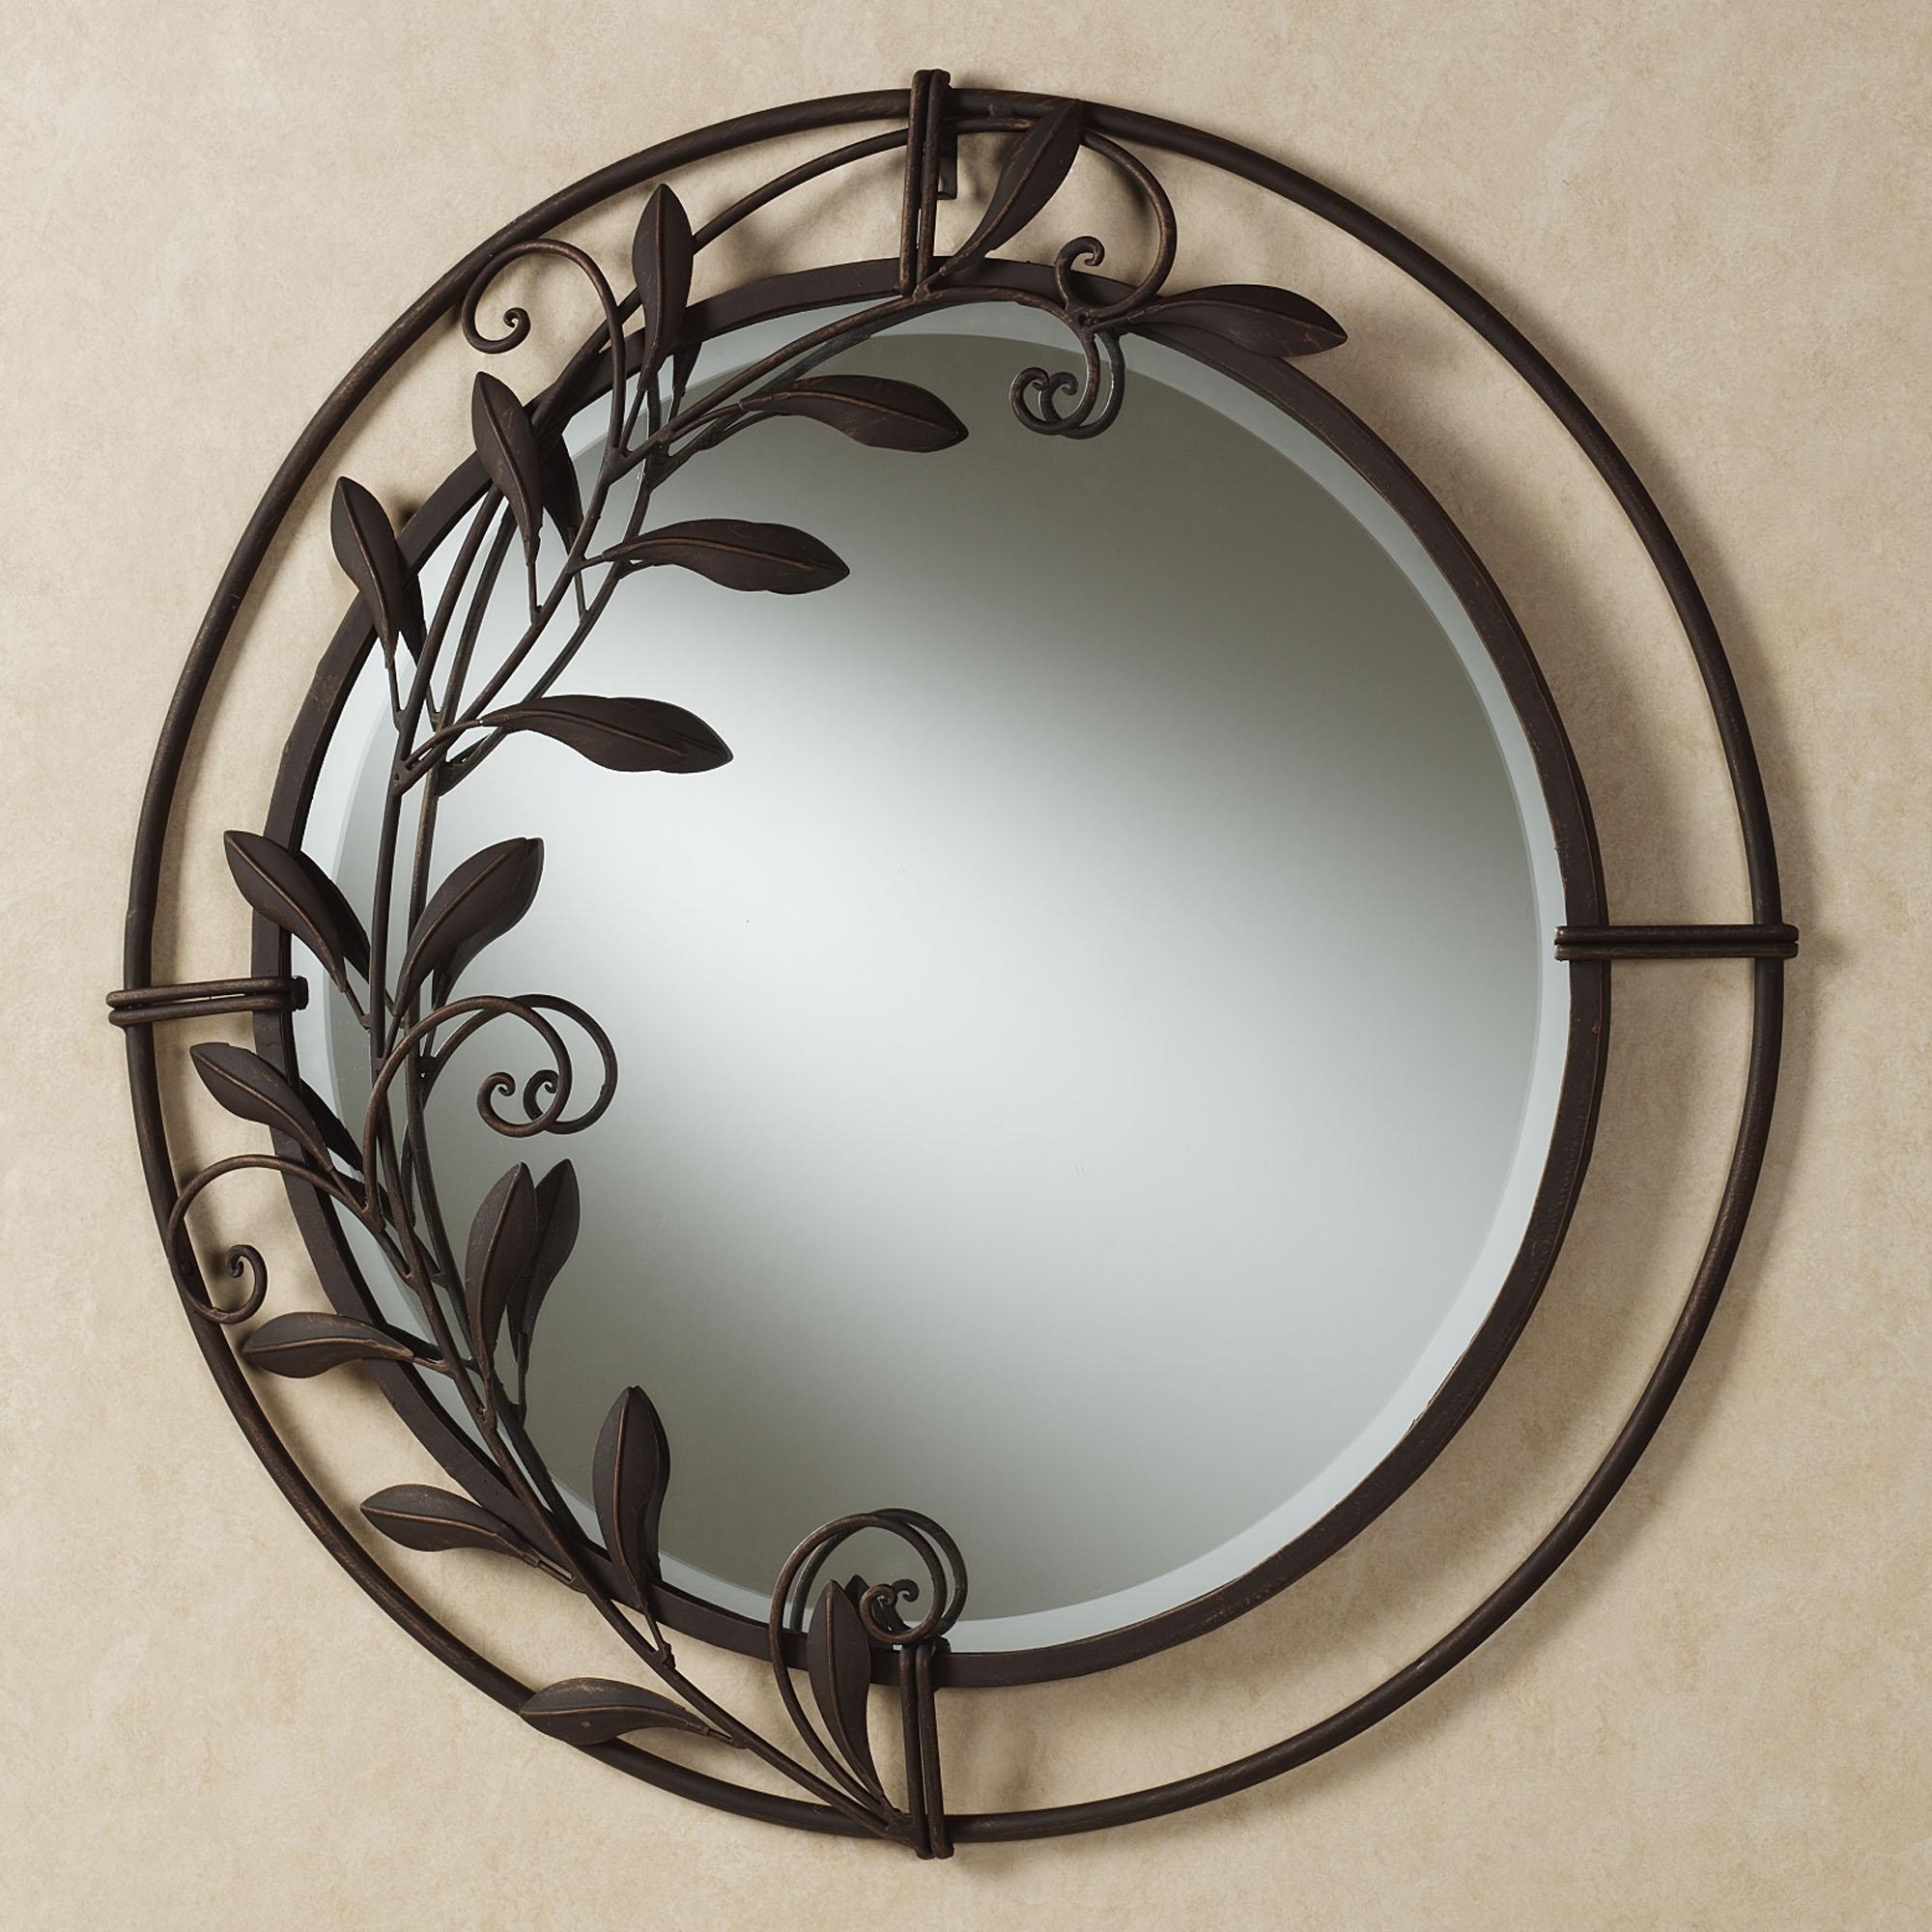 Vintage Metal Wall Mirrors